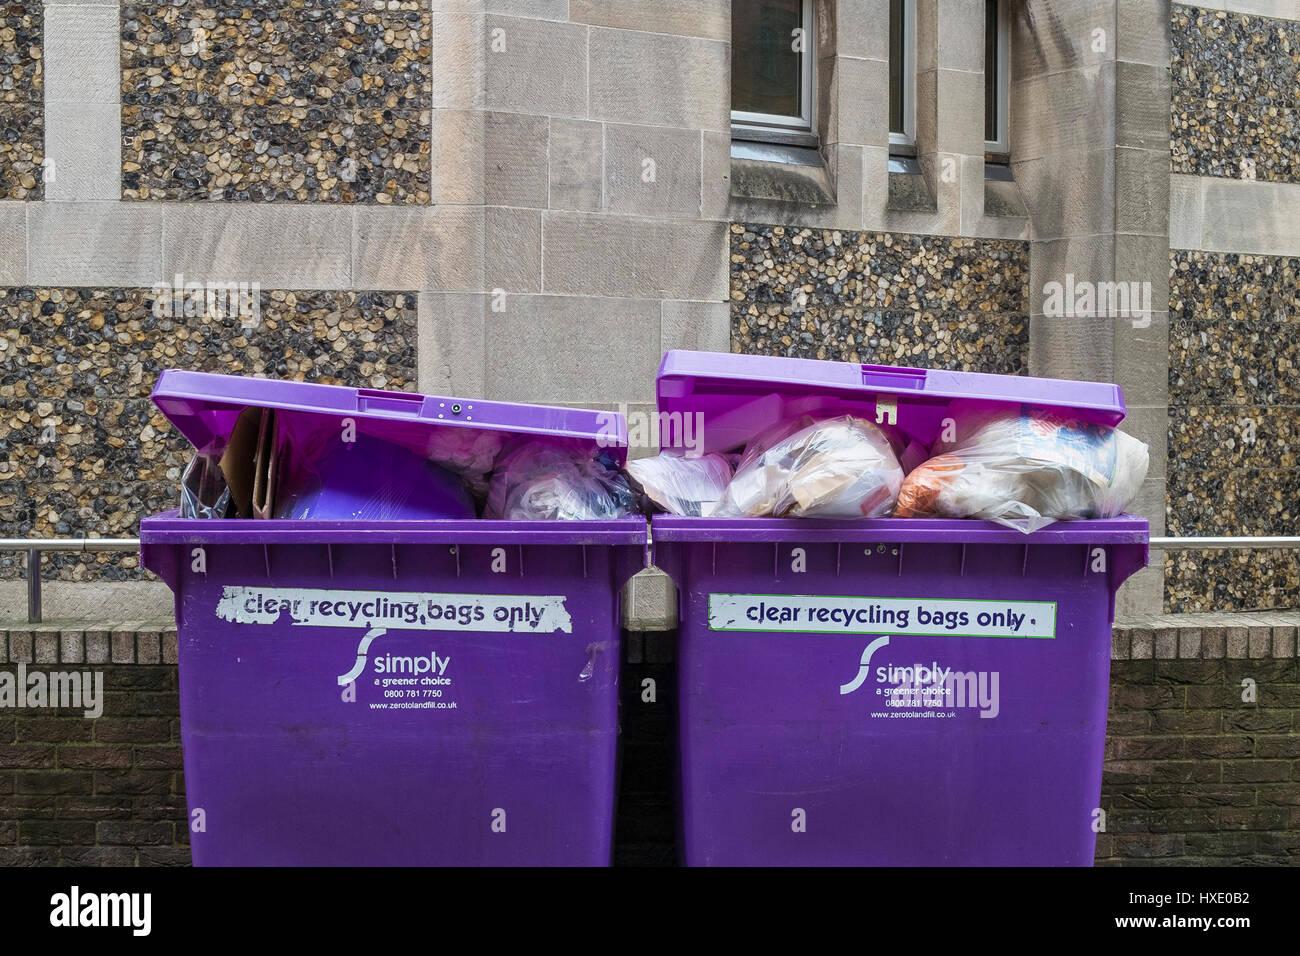 Cassonetti per il riciclaggio di rifiuti per lo smaltimento di rifiuti temi verdi Londra Immagini Stock